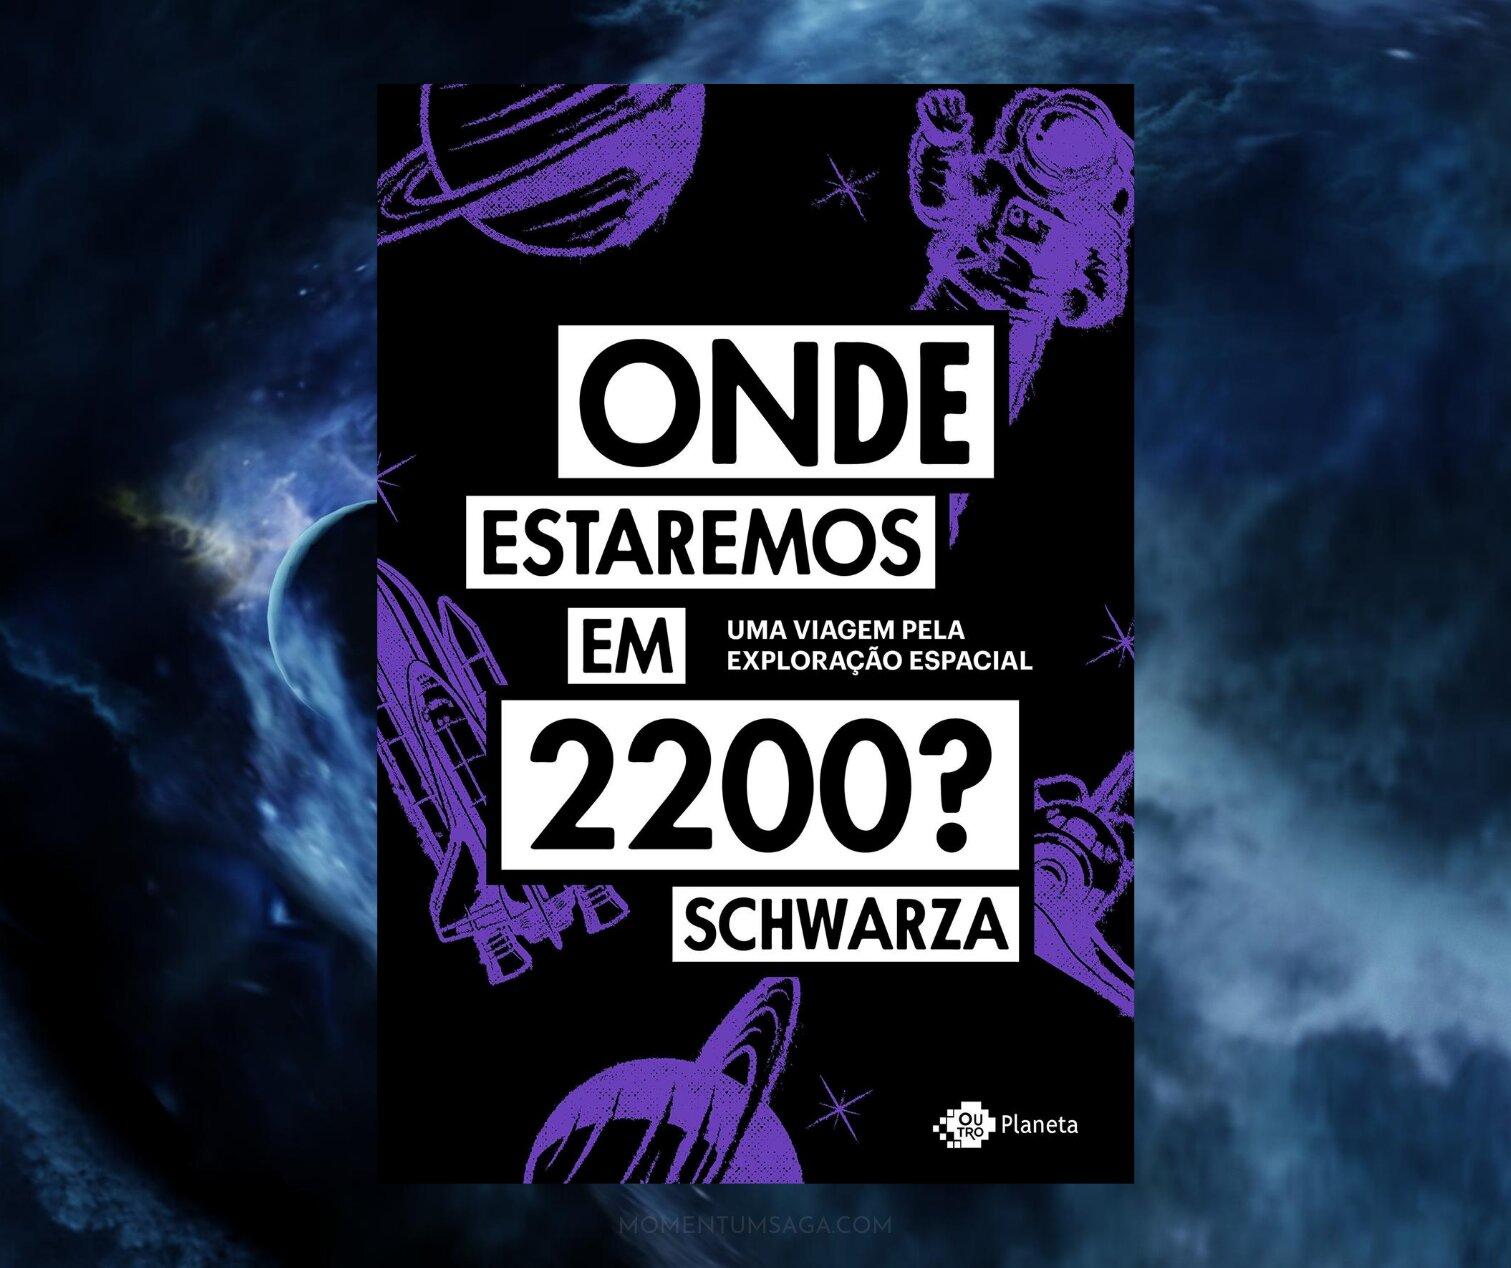 Resenha: Onde estaremos em 2200?, de Schwarza